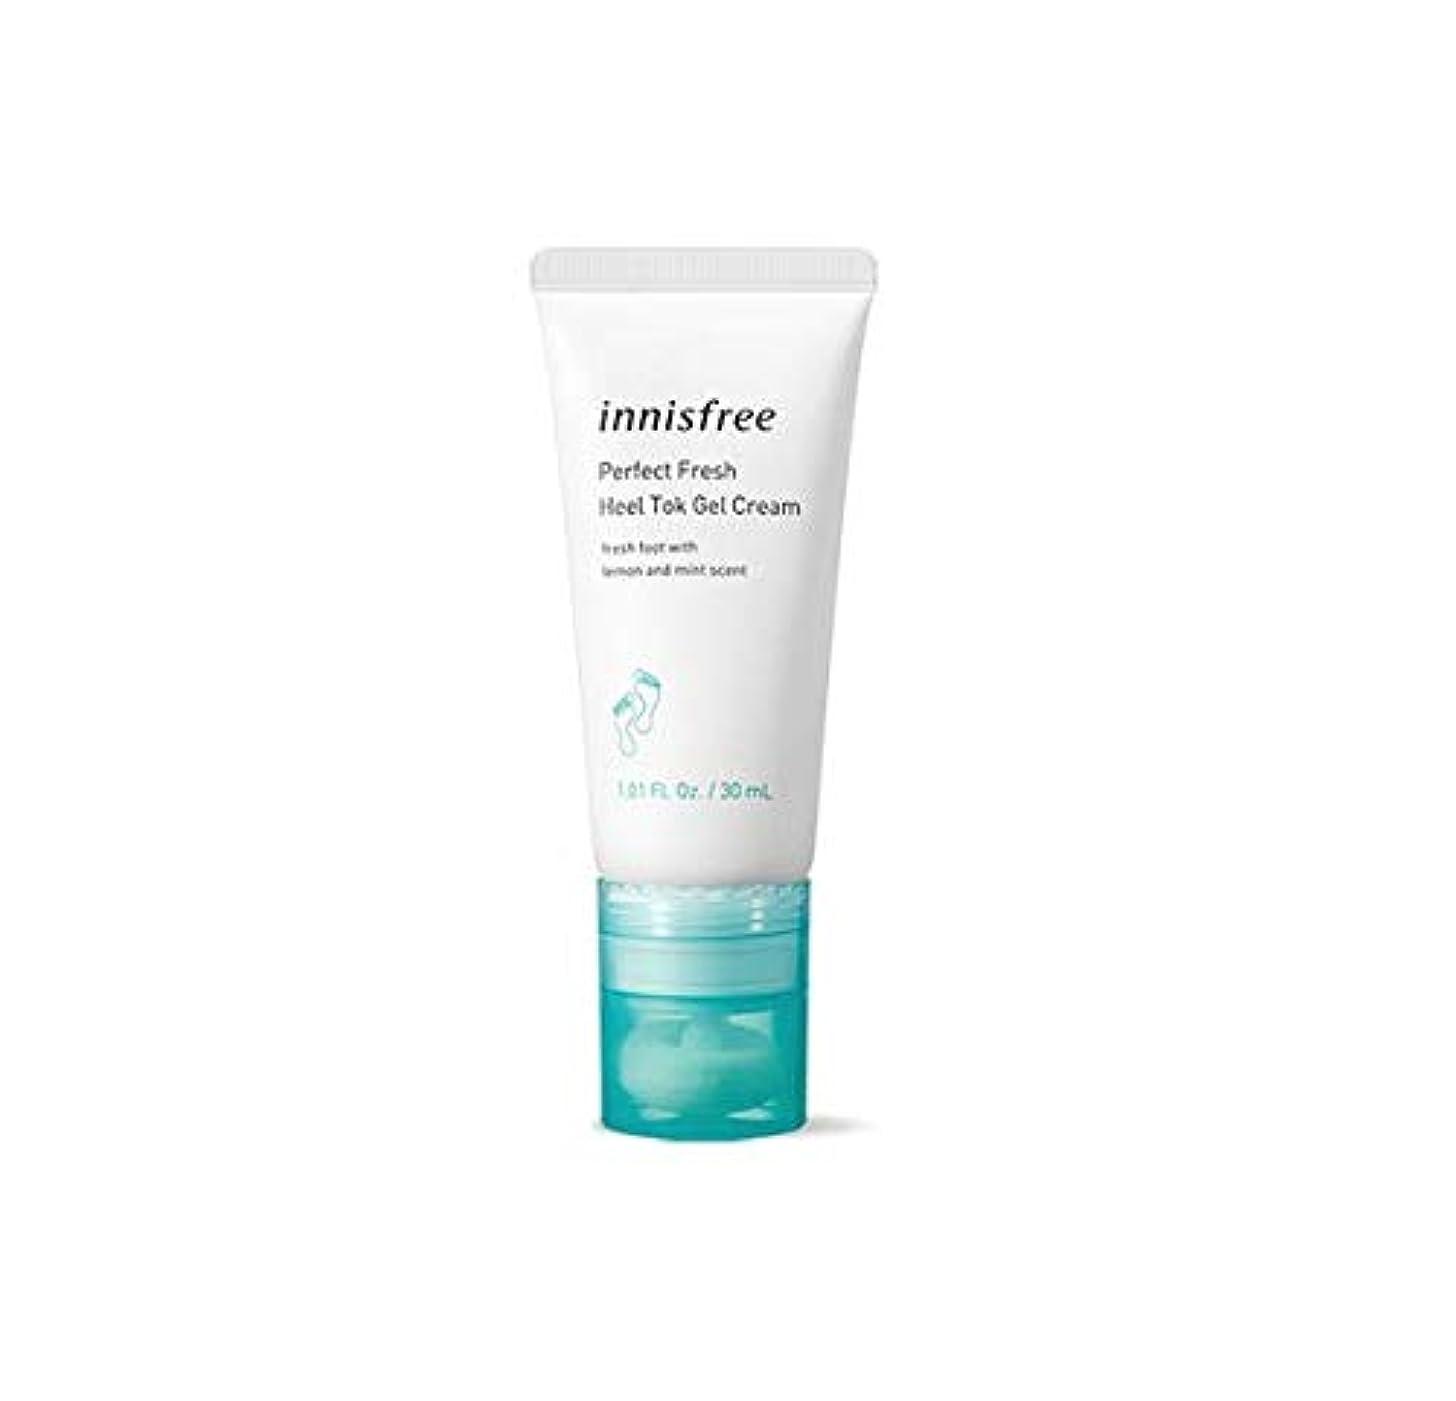 潜在的な触手光Innisfree パーフェクトフレッシュホールトクジェルクリーム/Perfect Fresh Heel Tok Gel Cream 30ml [並行輸入品]